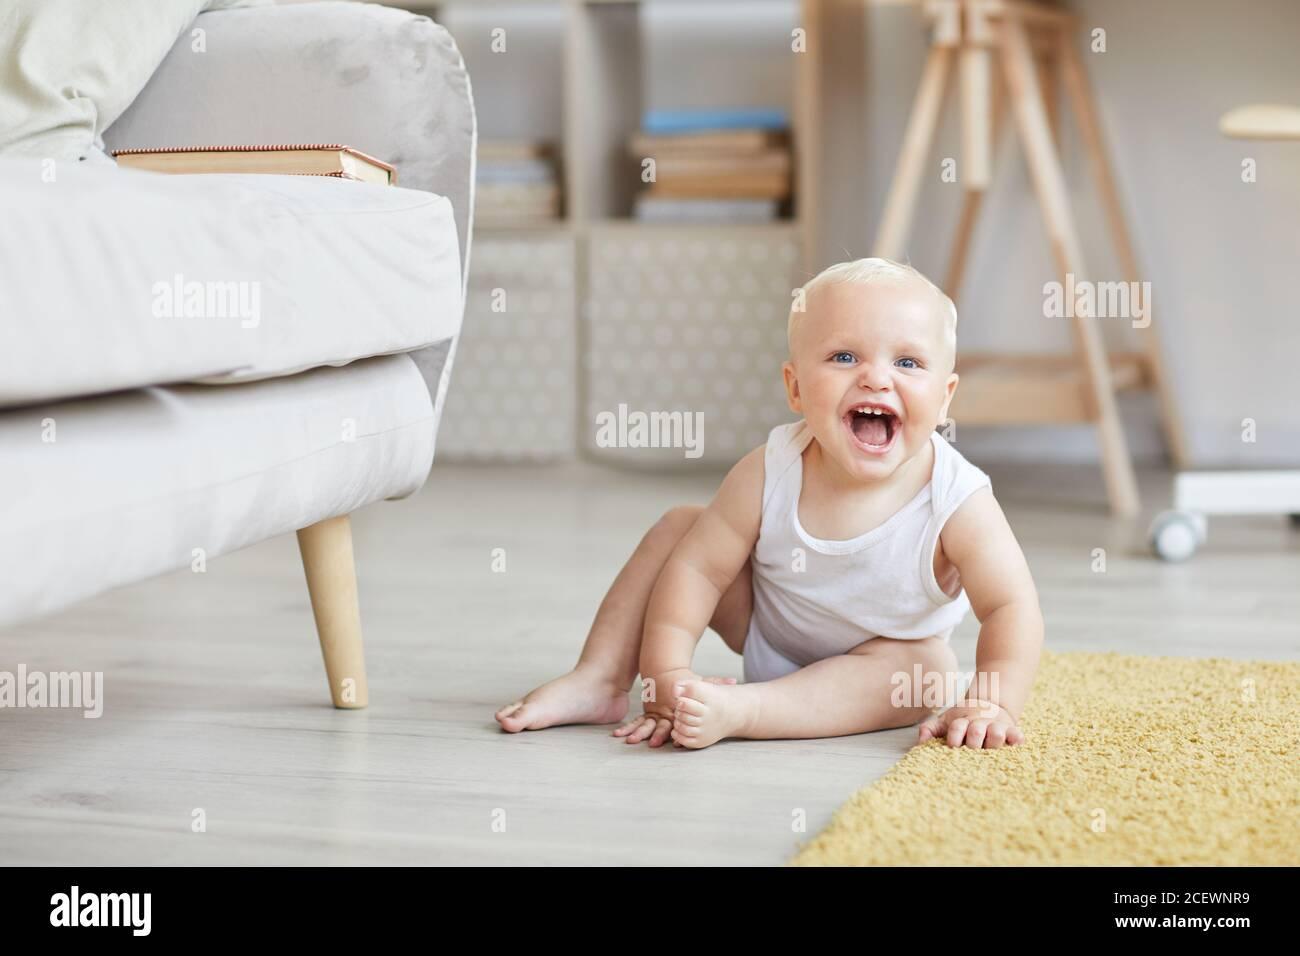 Tiro horizontal de feliz bebé juguetón sentado en el suelo en la sala de estar jugando y riendo, copiar espacio Foto de stock